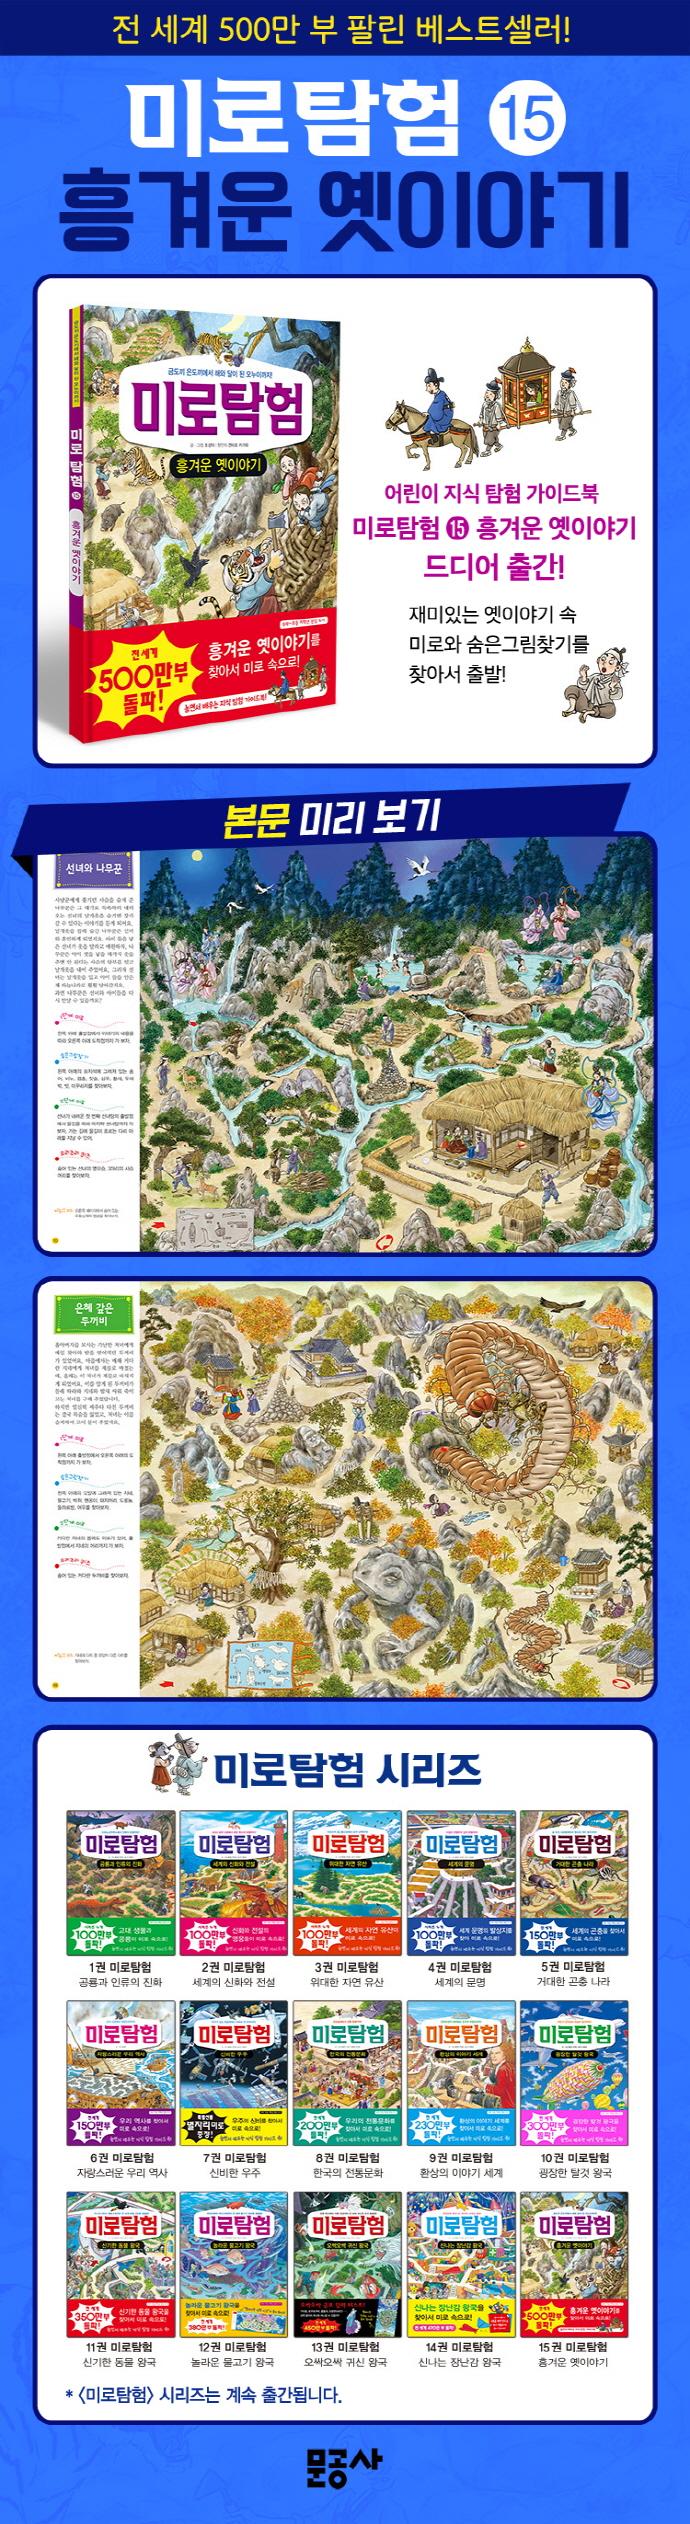 미로탐험: 흥겨운 옛이야기(어린이 지식 탐험 가이드북 15)(양장본 HardCover) 도서 상세이미지